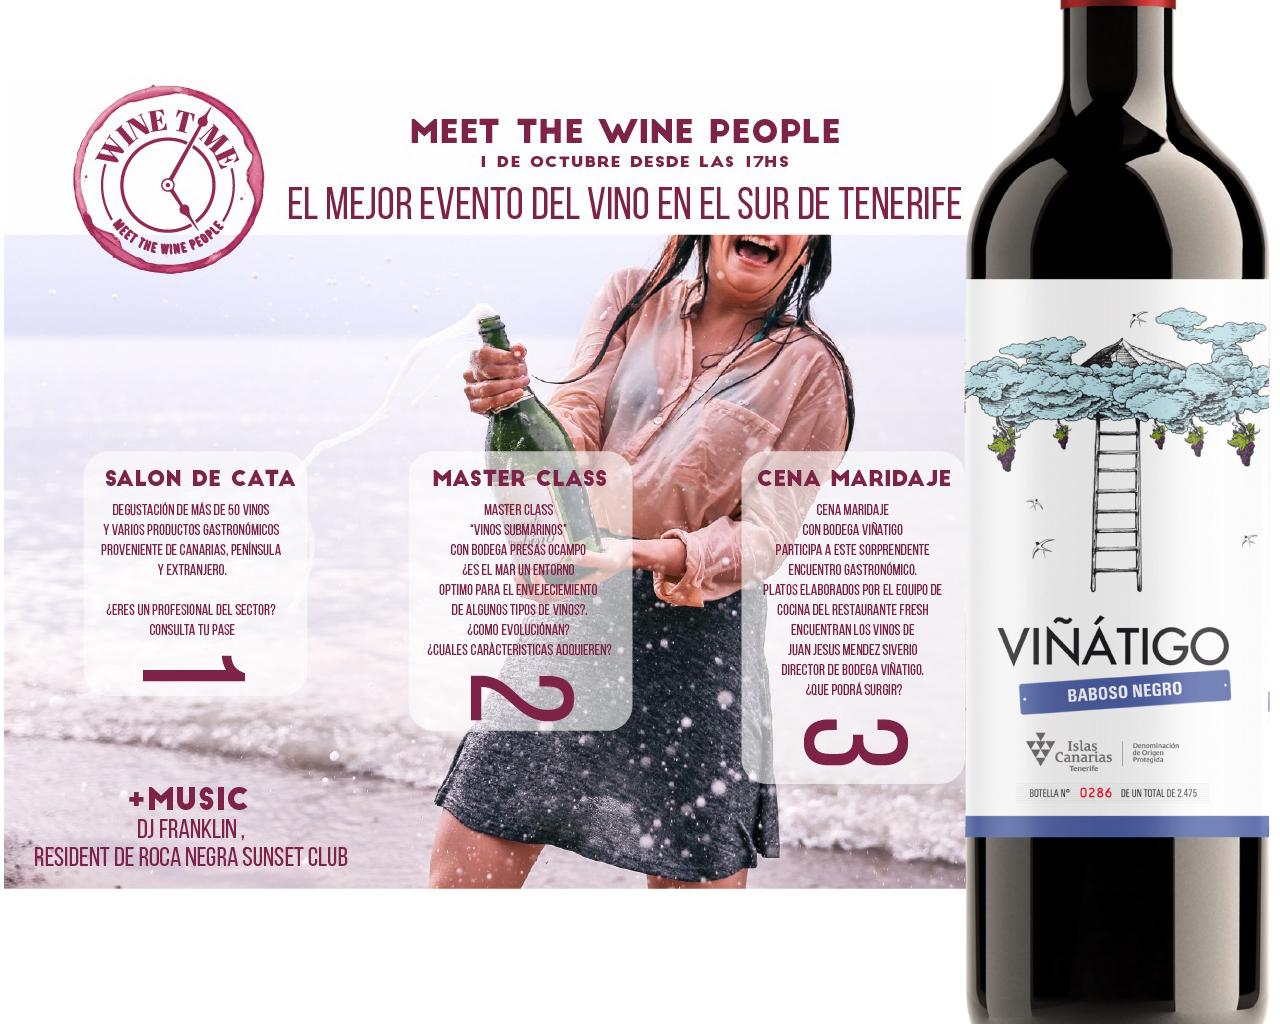 Wine Time, el el sur de Tenerife